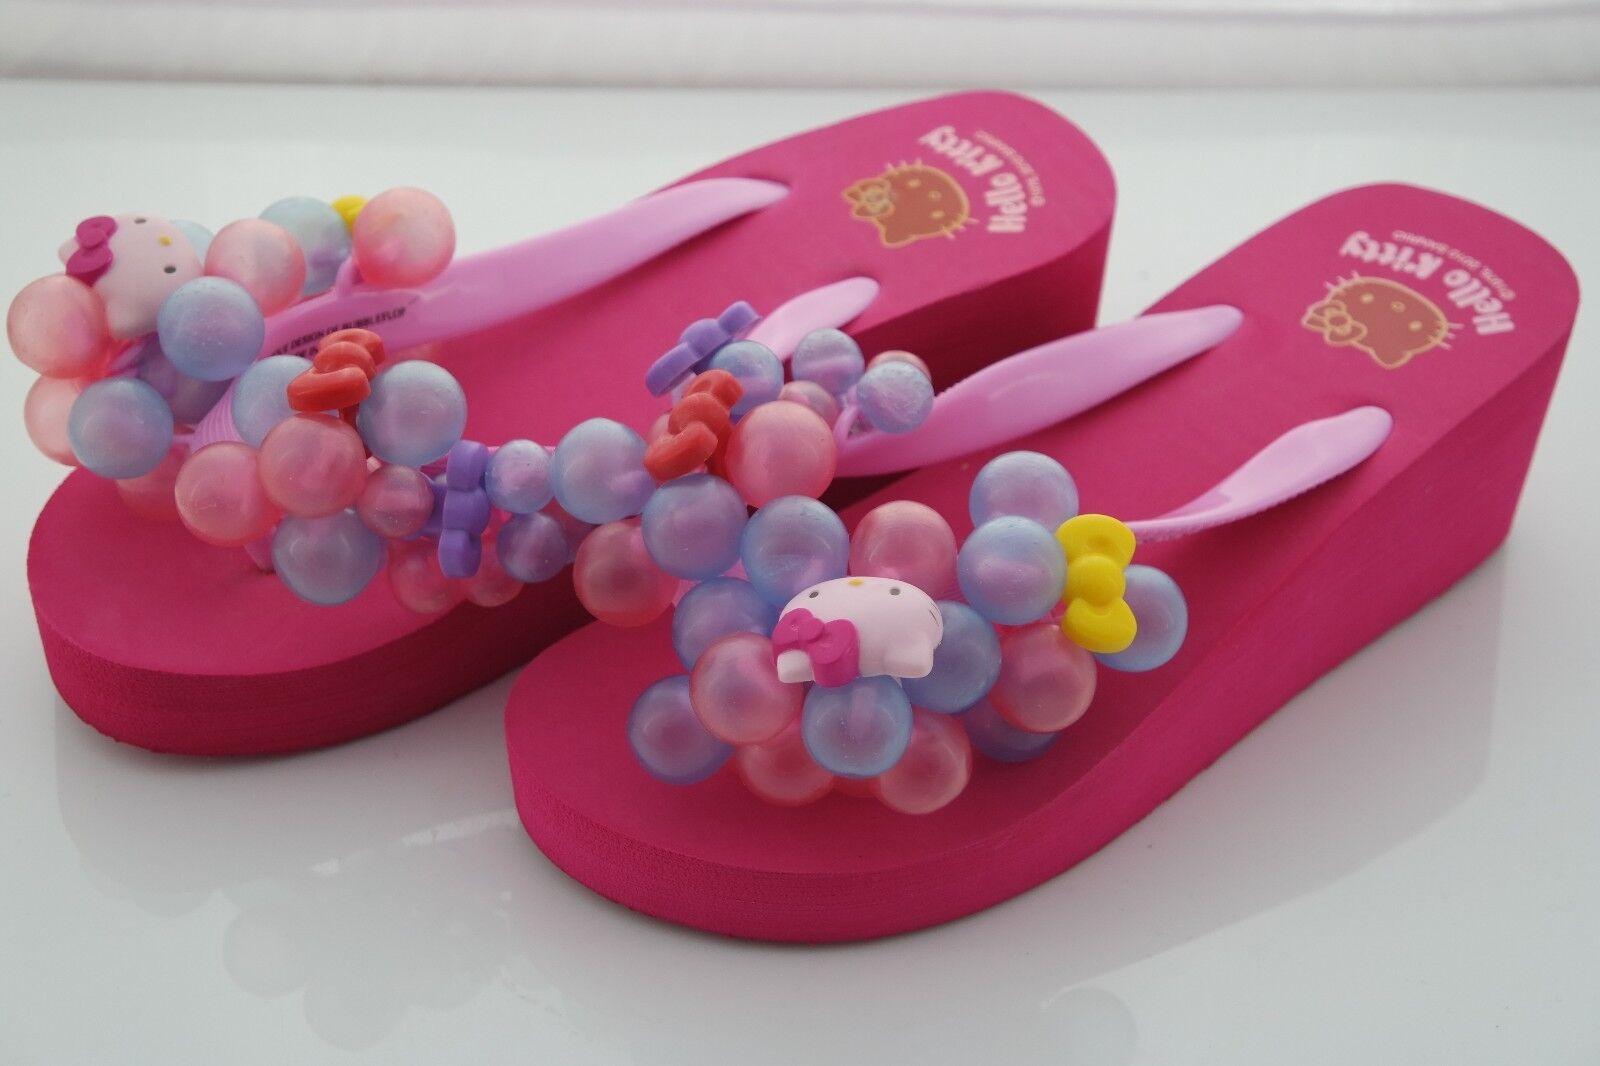 Adorable Adorable Adorable Hello Kitty Burbuja Flop Sandal Original 1 Mujer Zapatilla rosado  aquí tiene la última